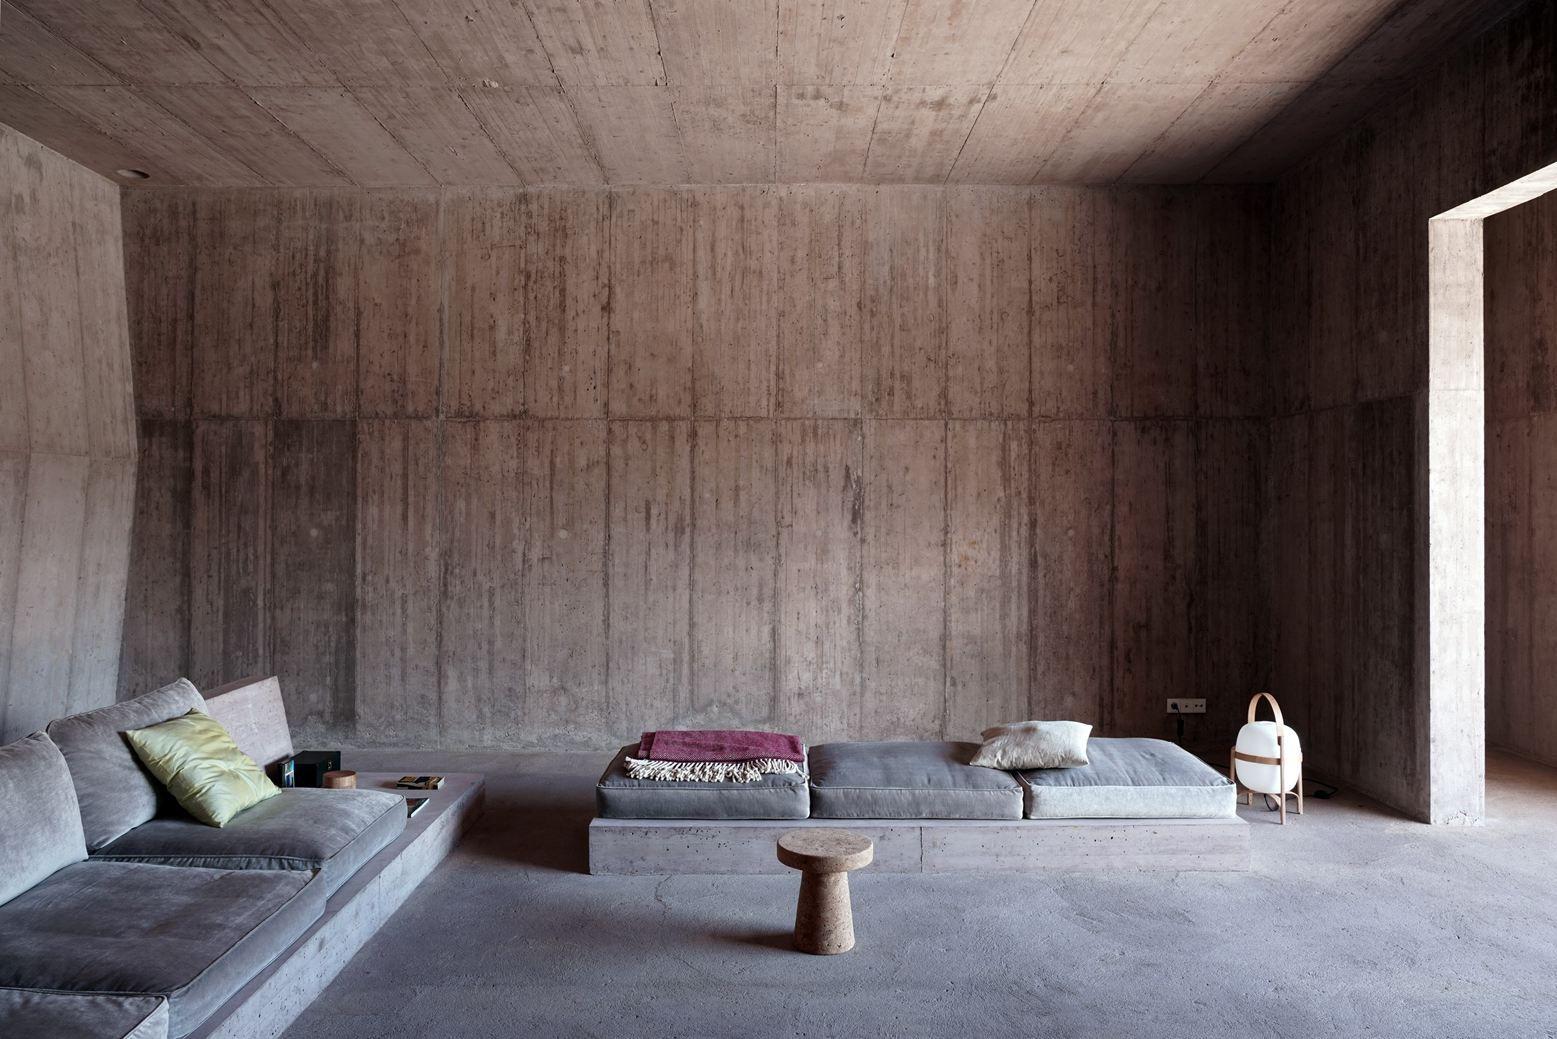 Villa Além in Alentejo, Portugal by Valerio Olgiati